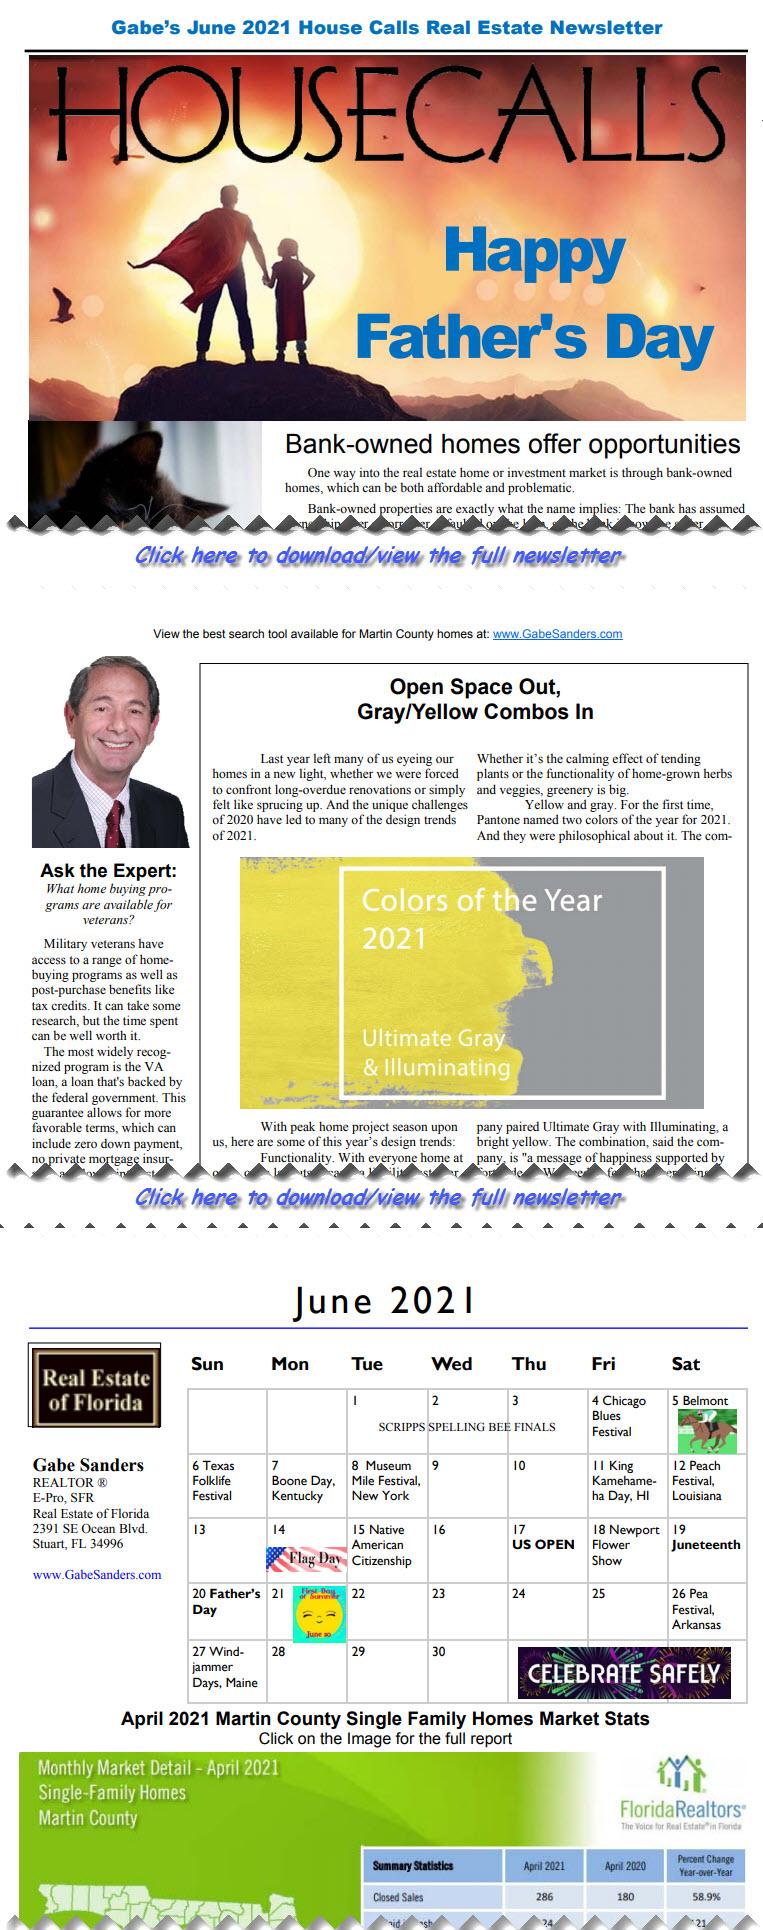 Gabe's June 2021 House Calls Real Estate Newsletter